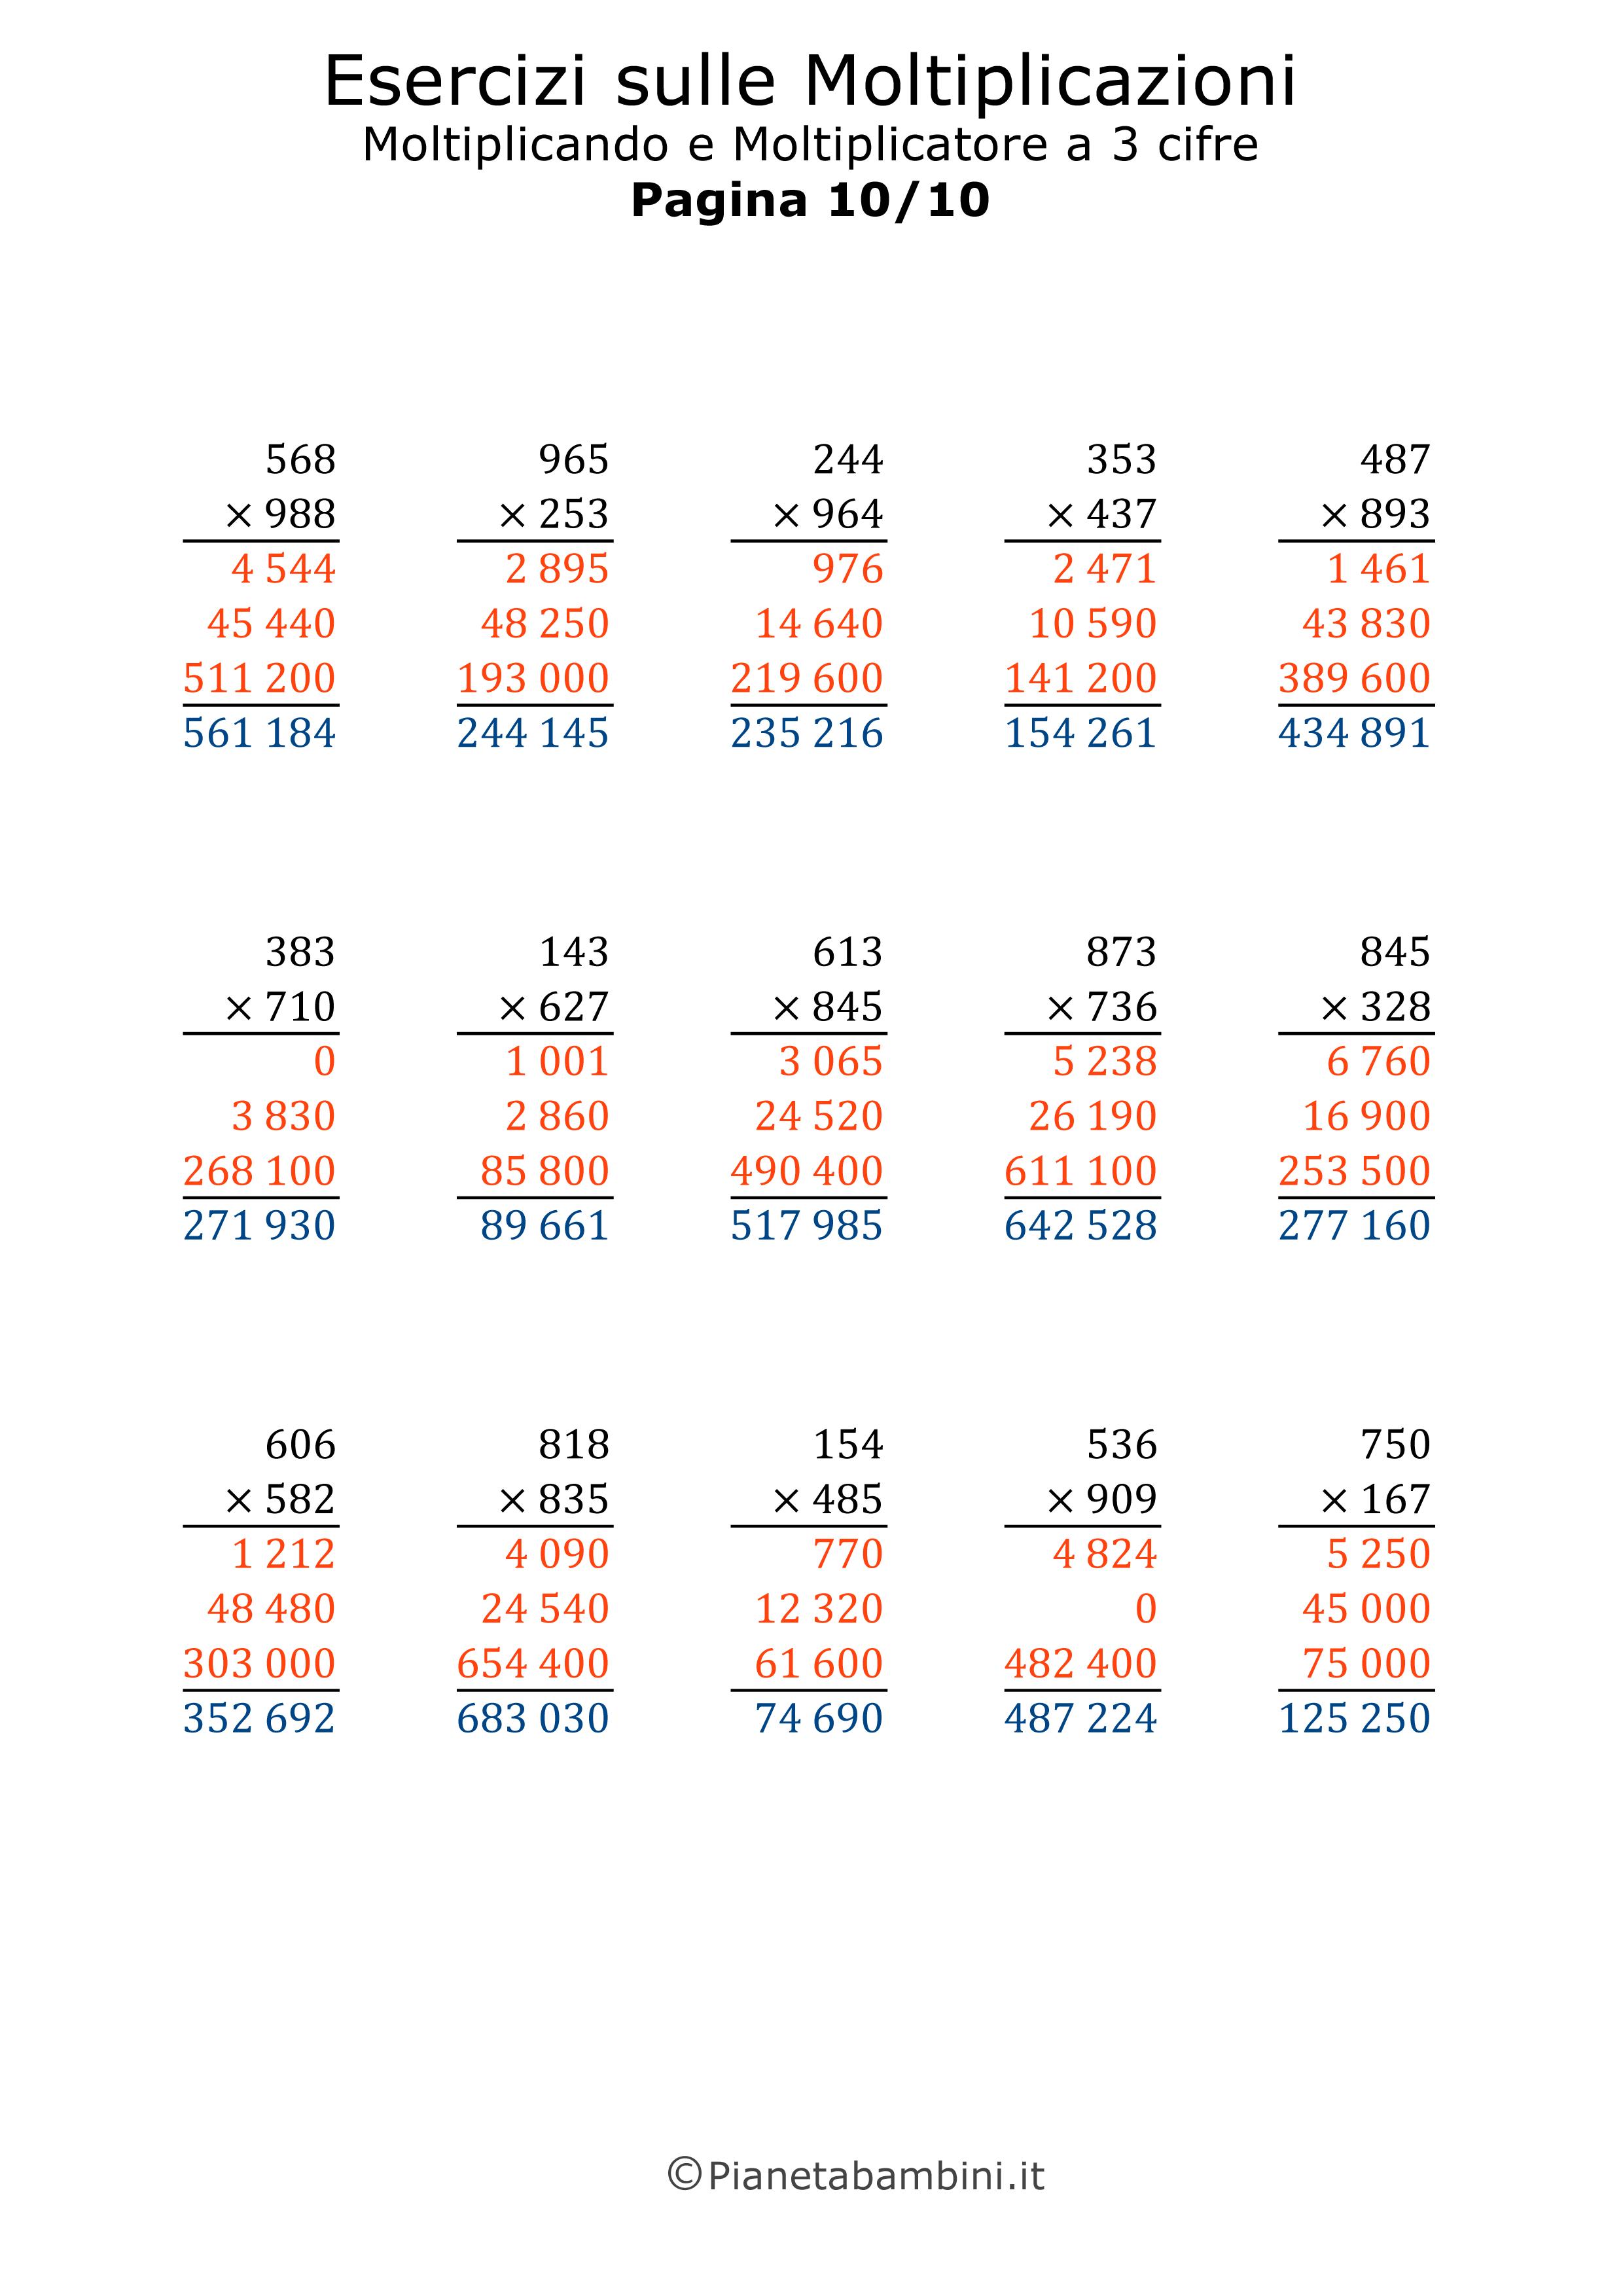 Soluzioni-Moltiplicazioni-3-Cifre_10